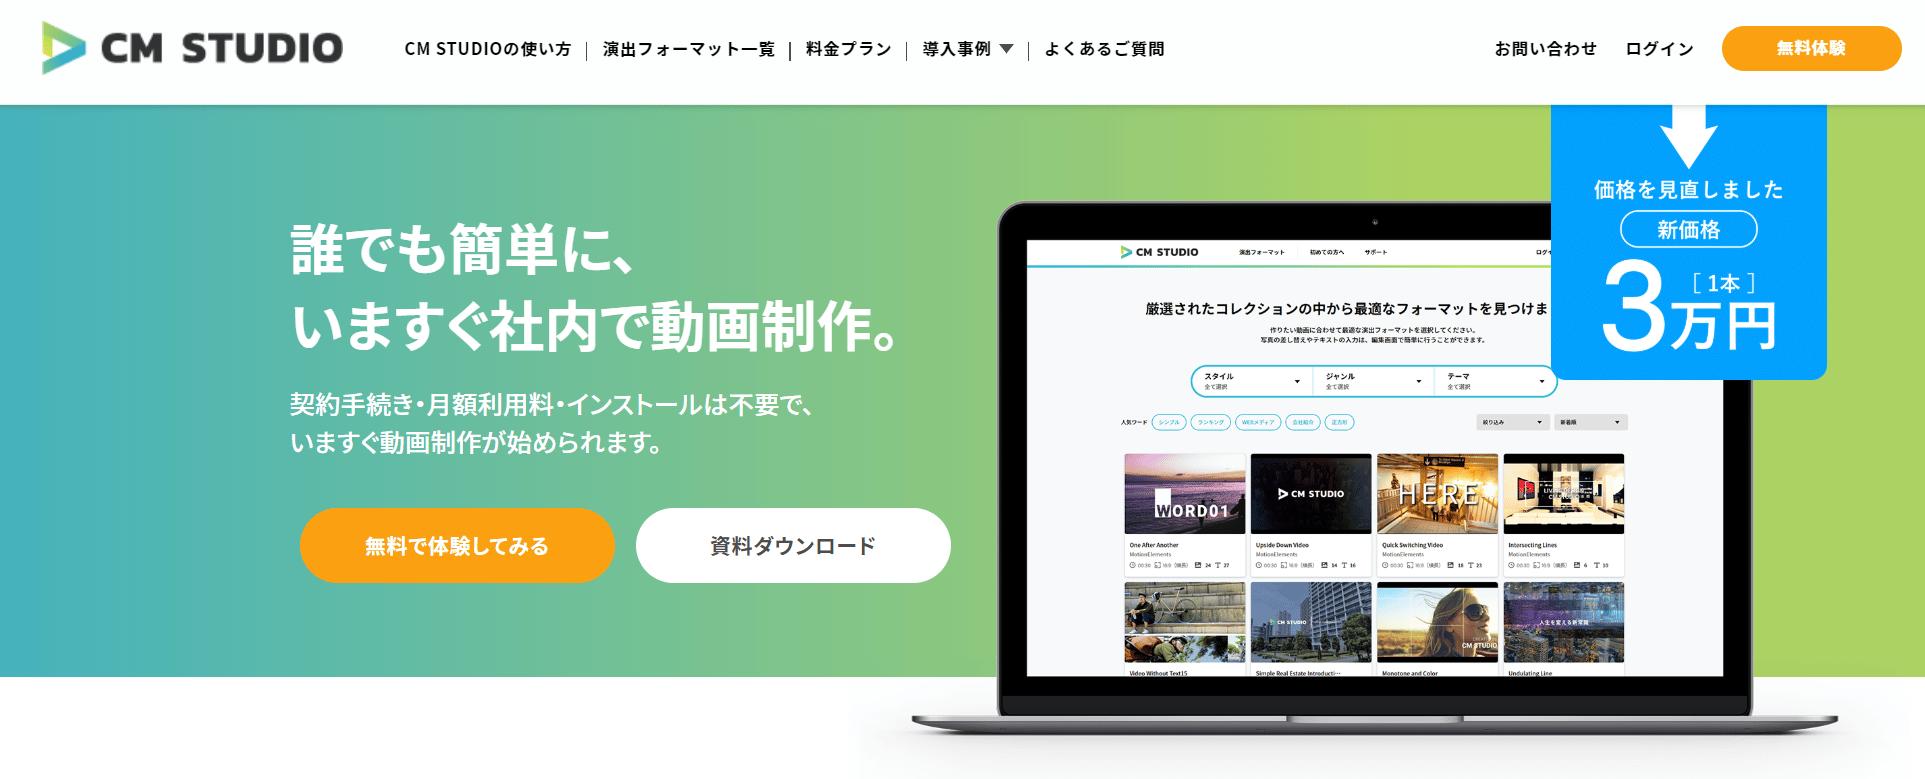 動画テンプレートがおすすめのサービス②:CM STUDIO